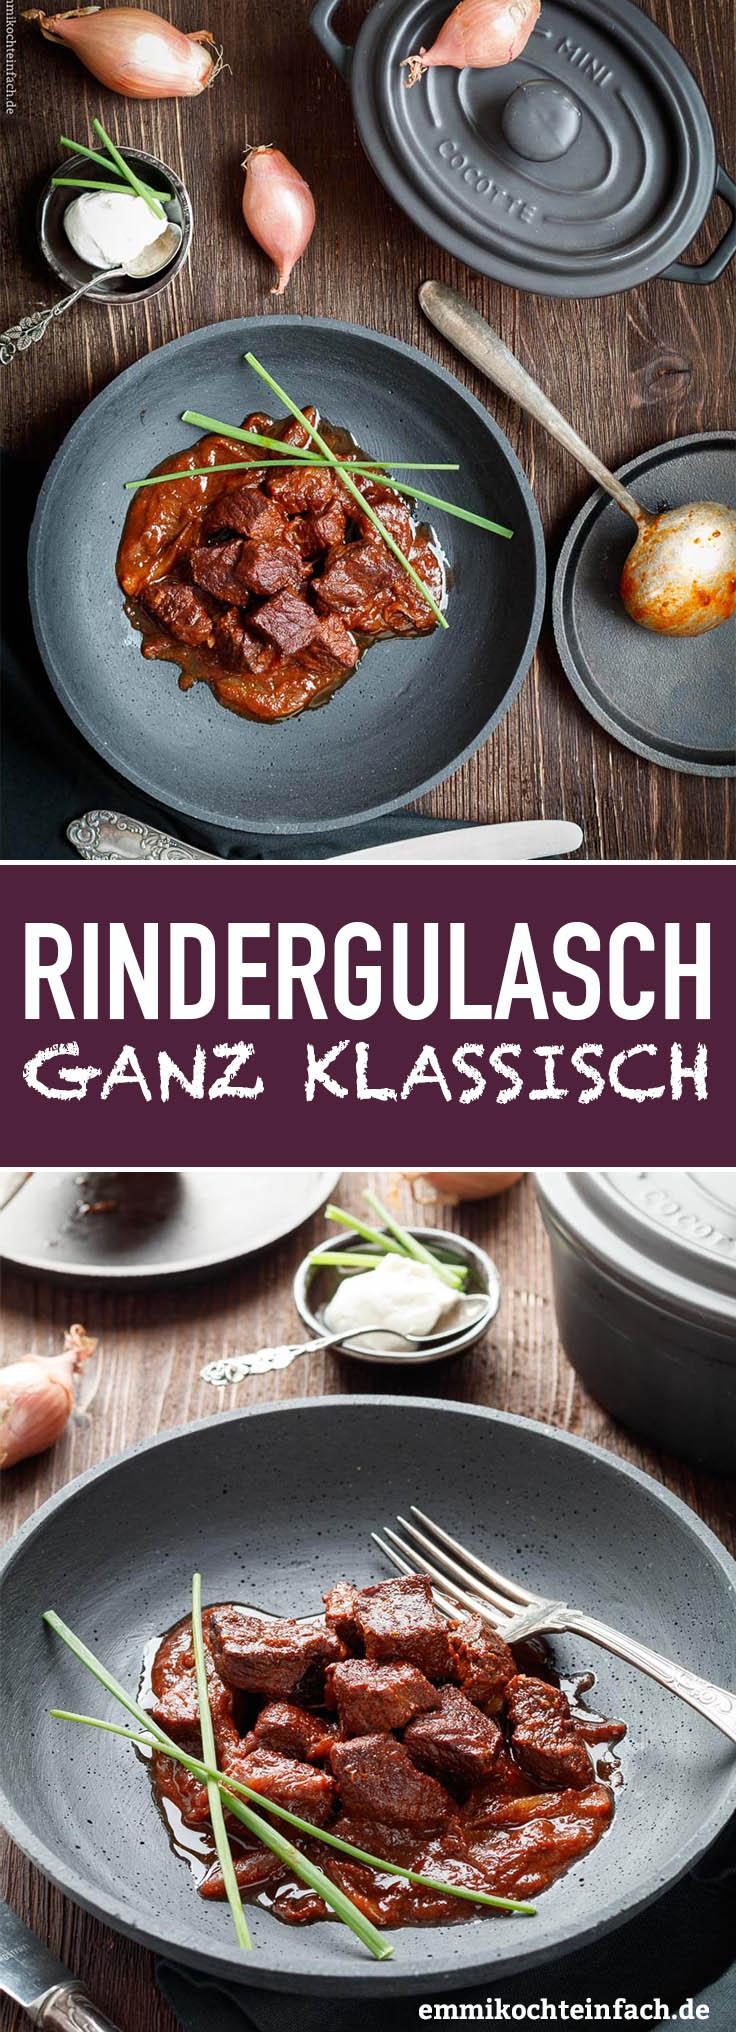 Klassisches Rindergulasch - www.emmikochteinfach.de